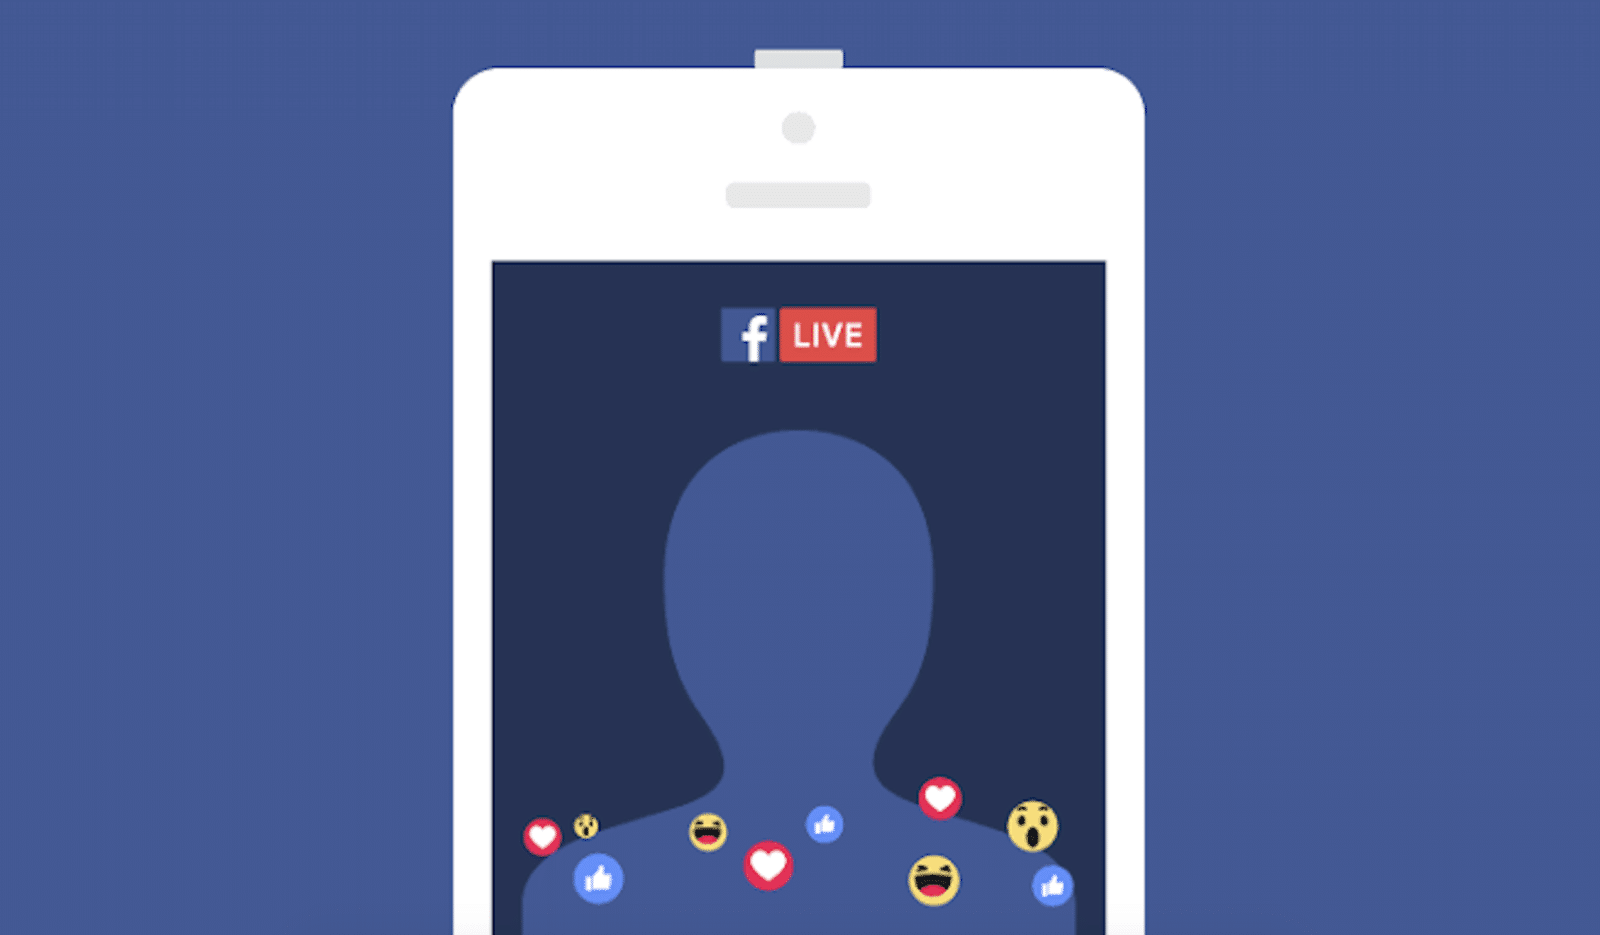 Live ง่าย ๆ ด้วยมือถือ หรือ Live โปร ๆ ด้วย OBS ข้อดีและข้อเสียของการ Live แต่ละแบบ